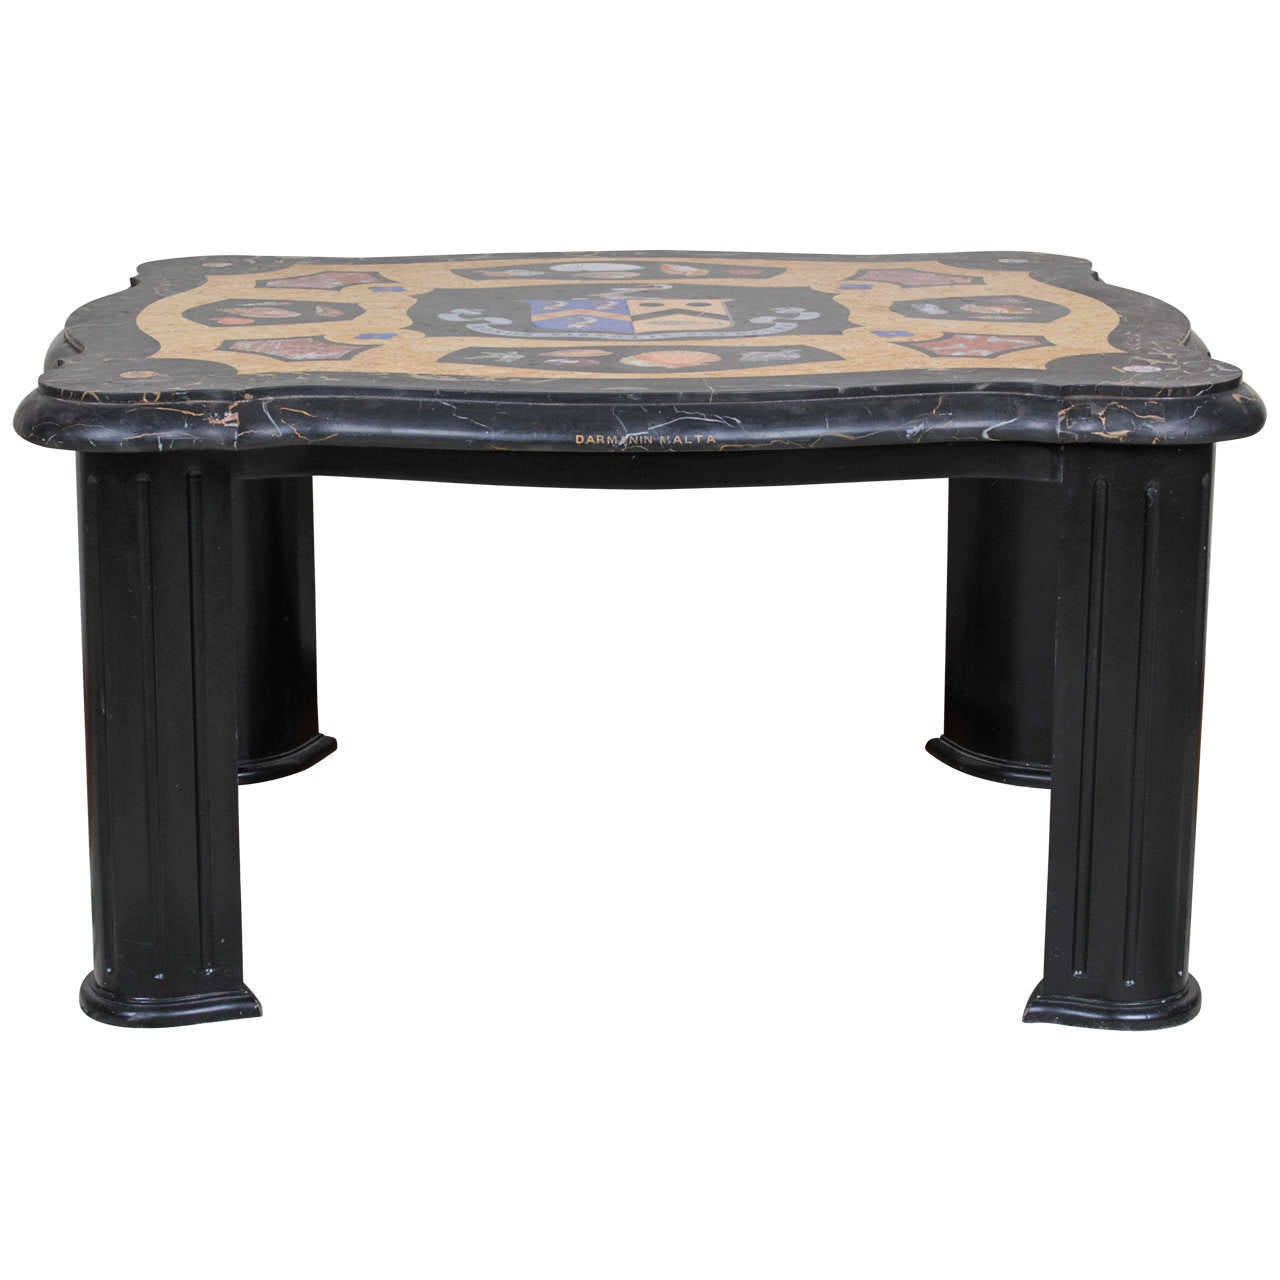 Rare Irish Armorial Pietra Dura Low Table With Seashells